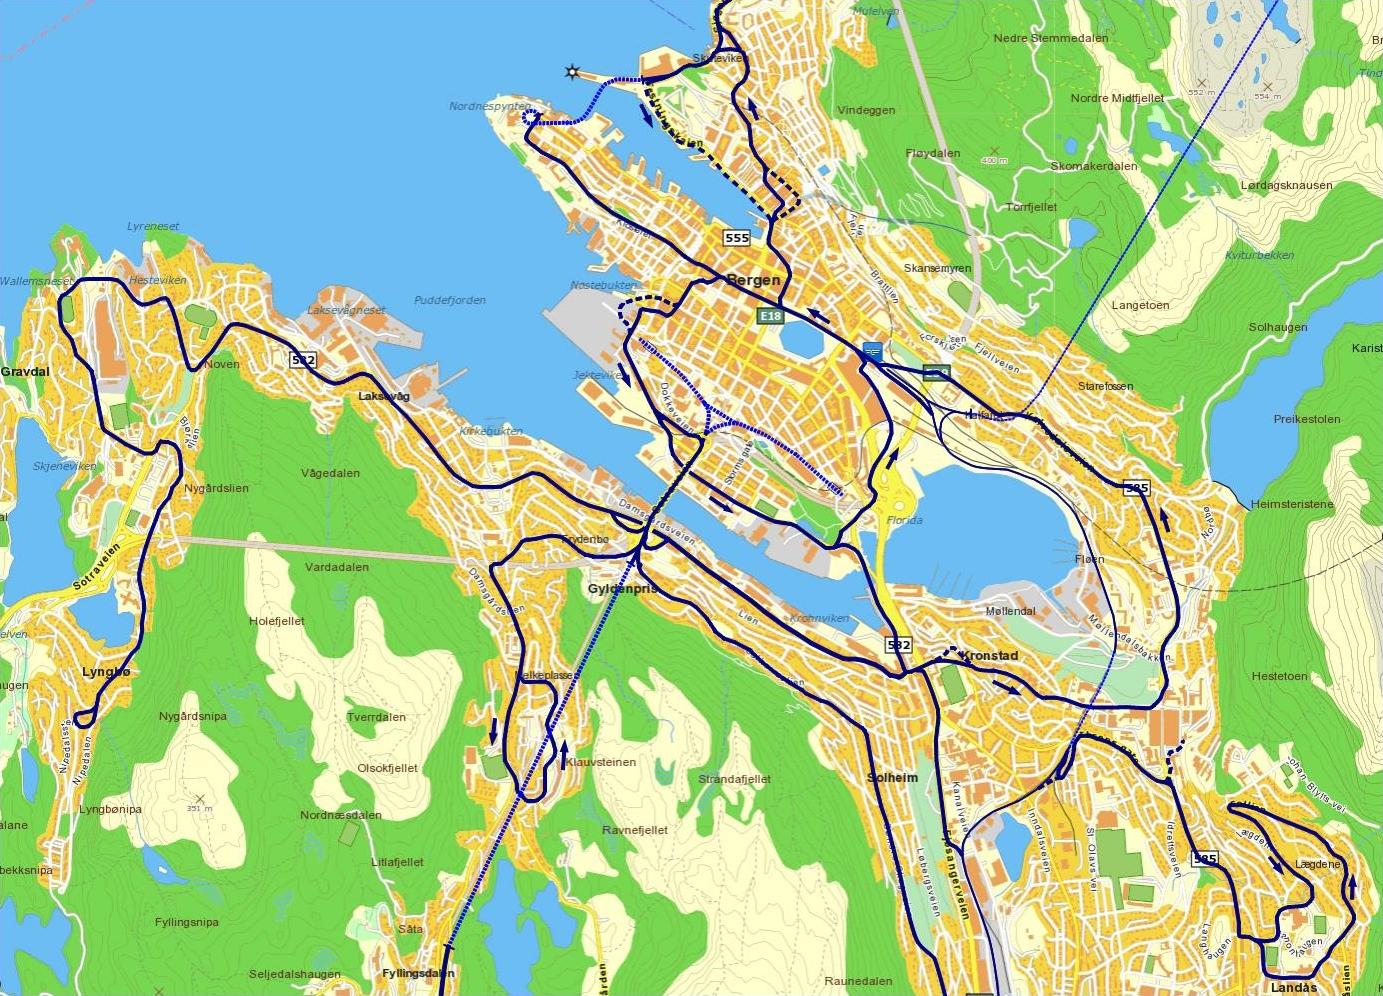 bergen bydeler kart Et lokalbanenett for Bergen bergen bydeler kart